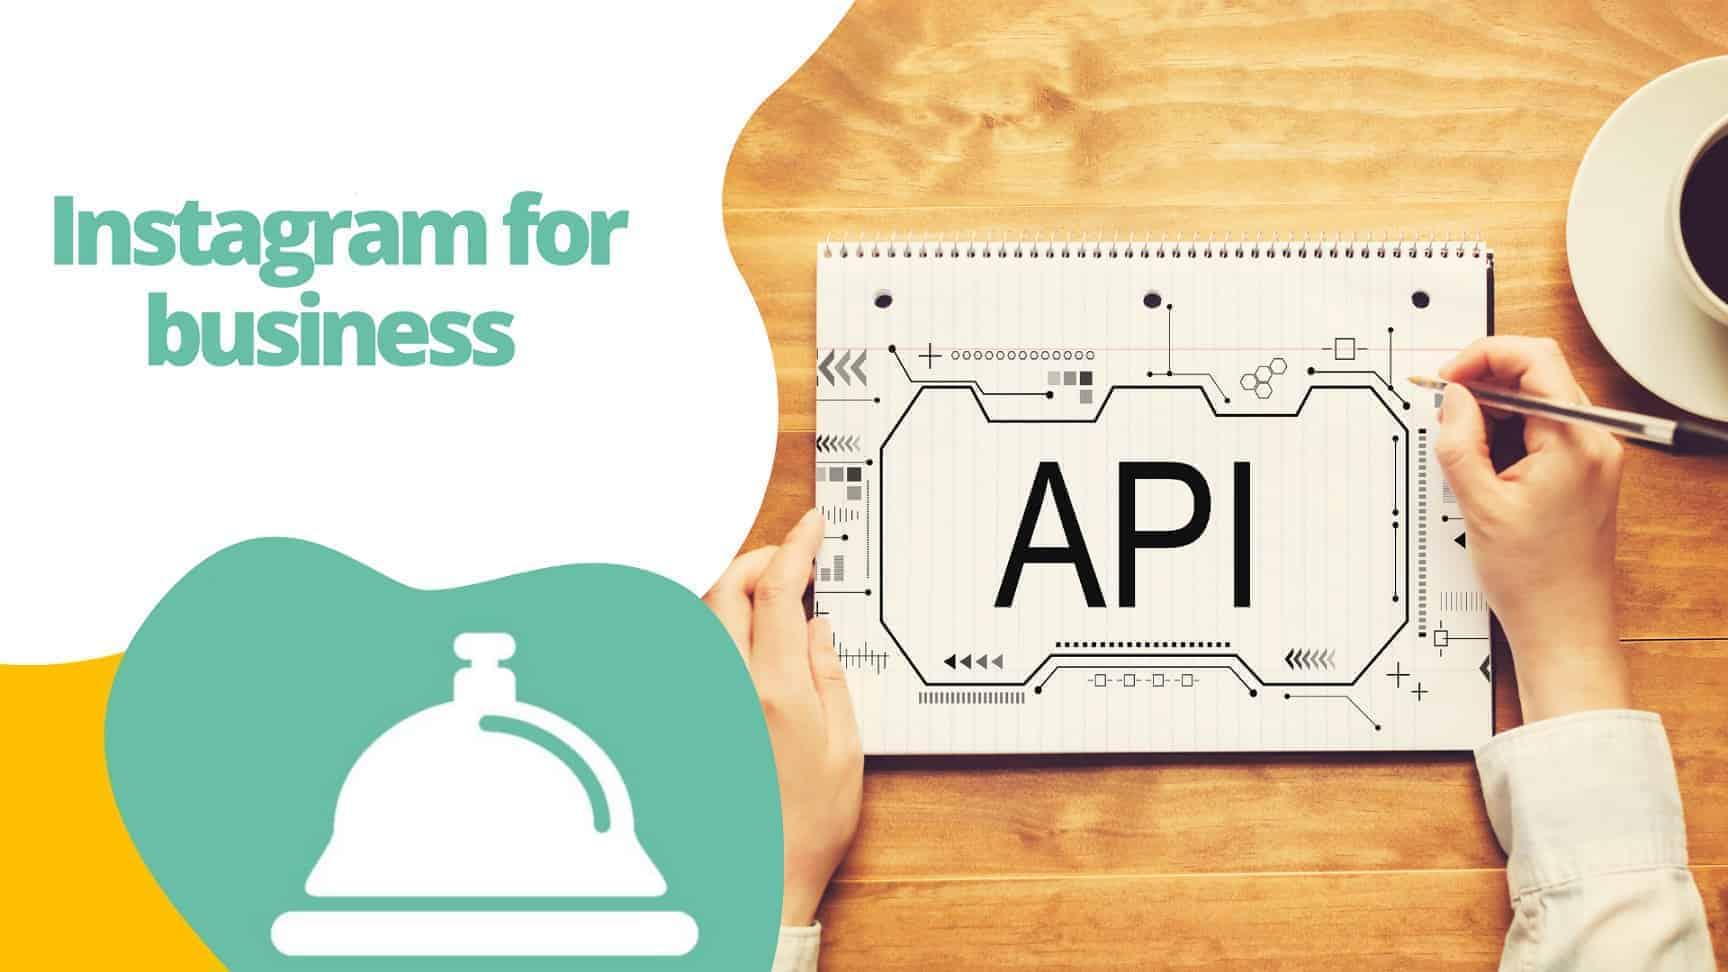 Pourquoi l'API de messages Instagram est-elle très importante pour les entreprises?